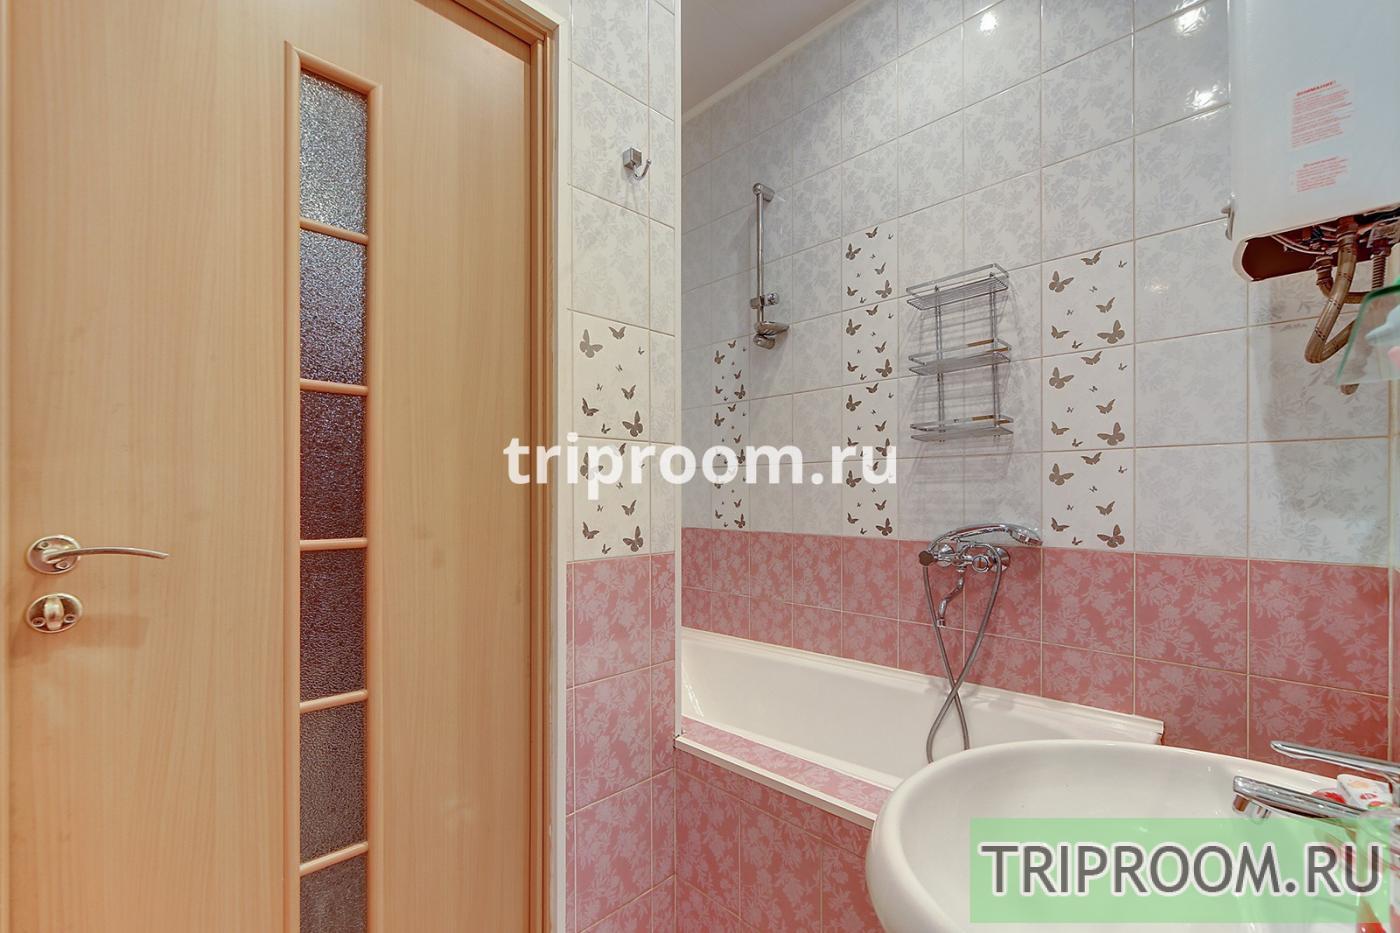 2-комнатная квартира посуточно (вариант № 15459), ул. Адмиралтейская набережная, фото № 25